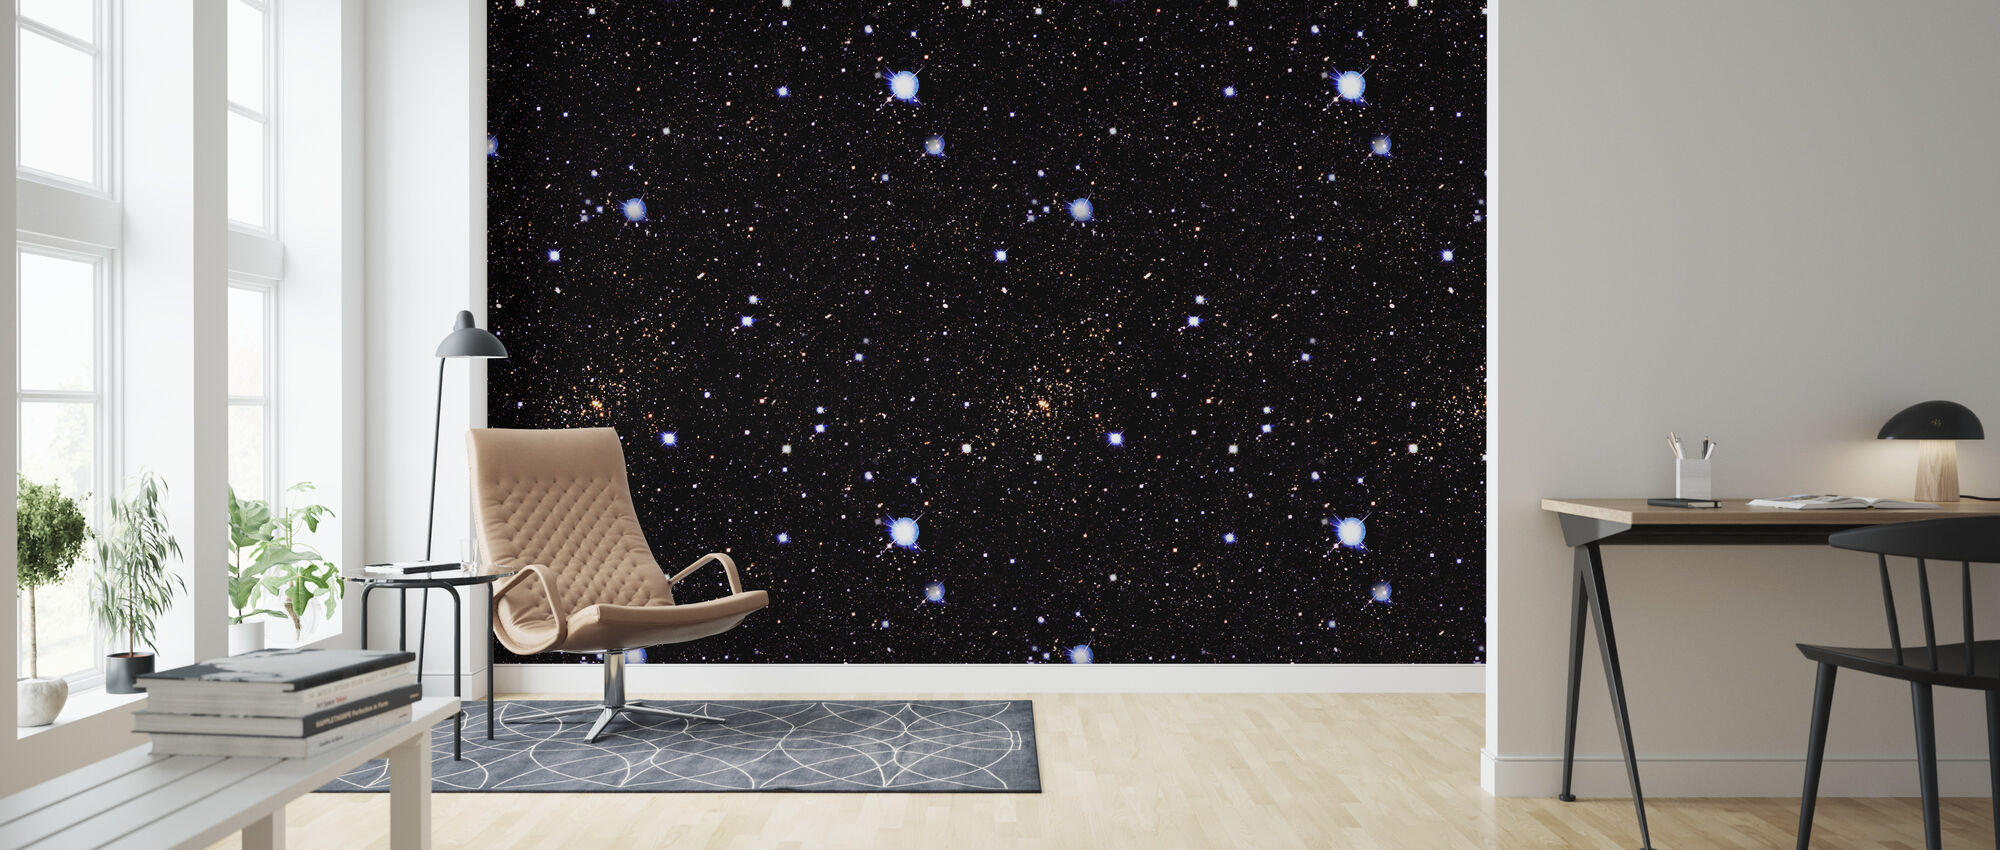 Starfield Night - Wallpaper - Living Room